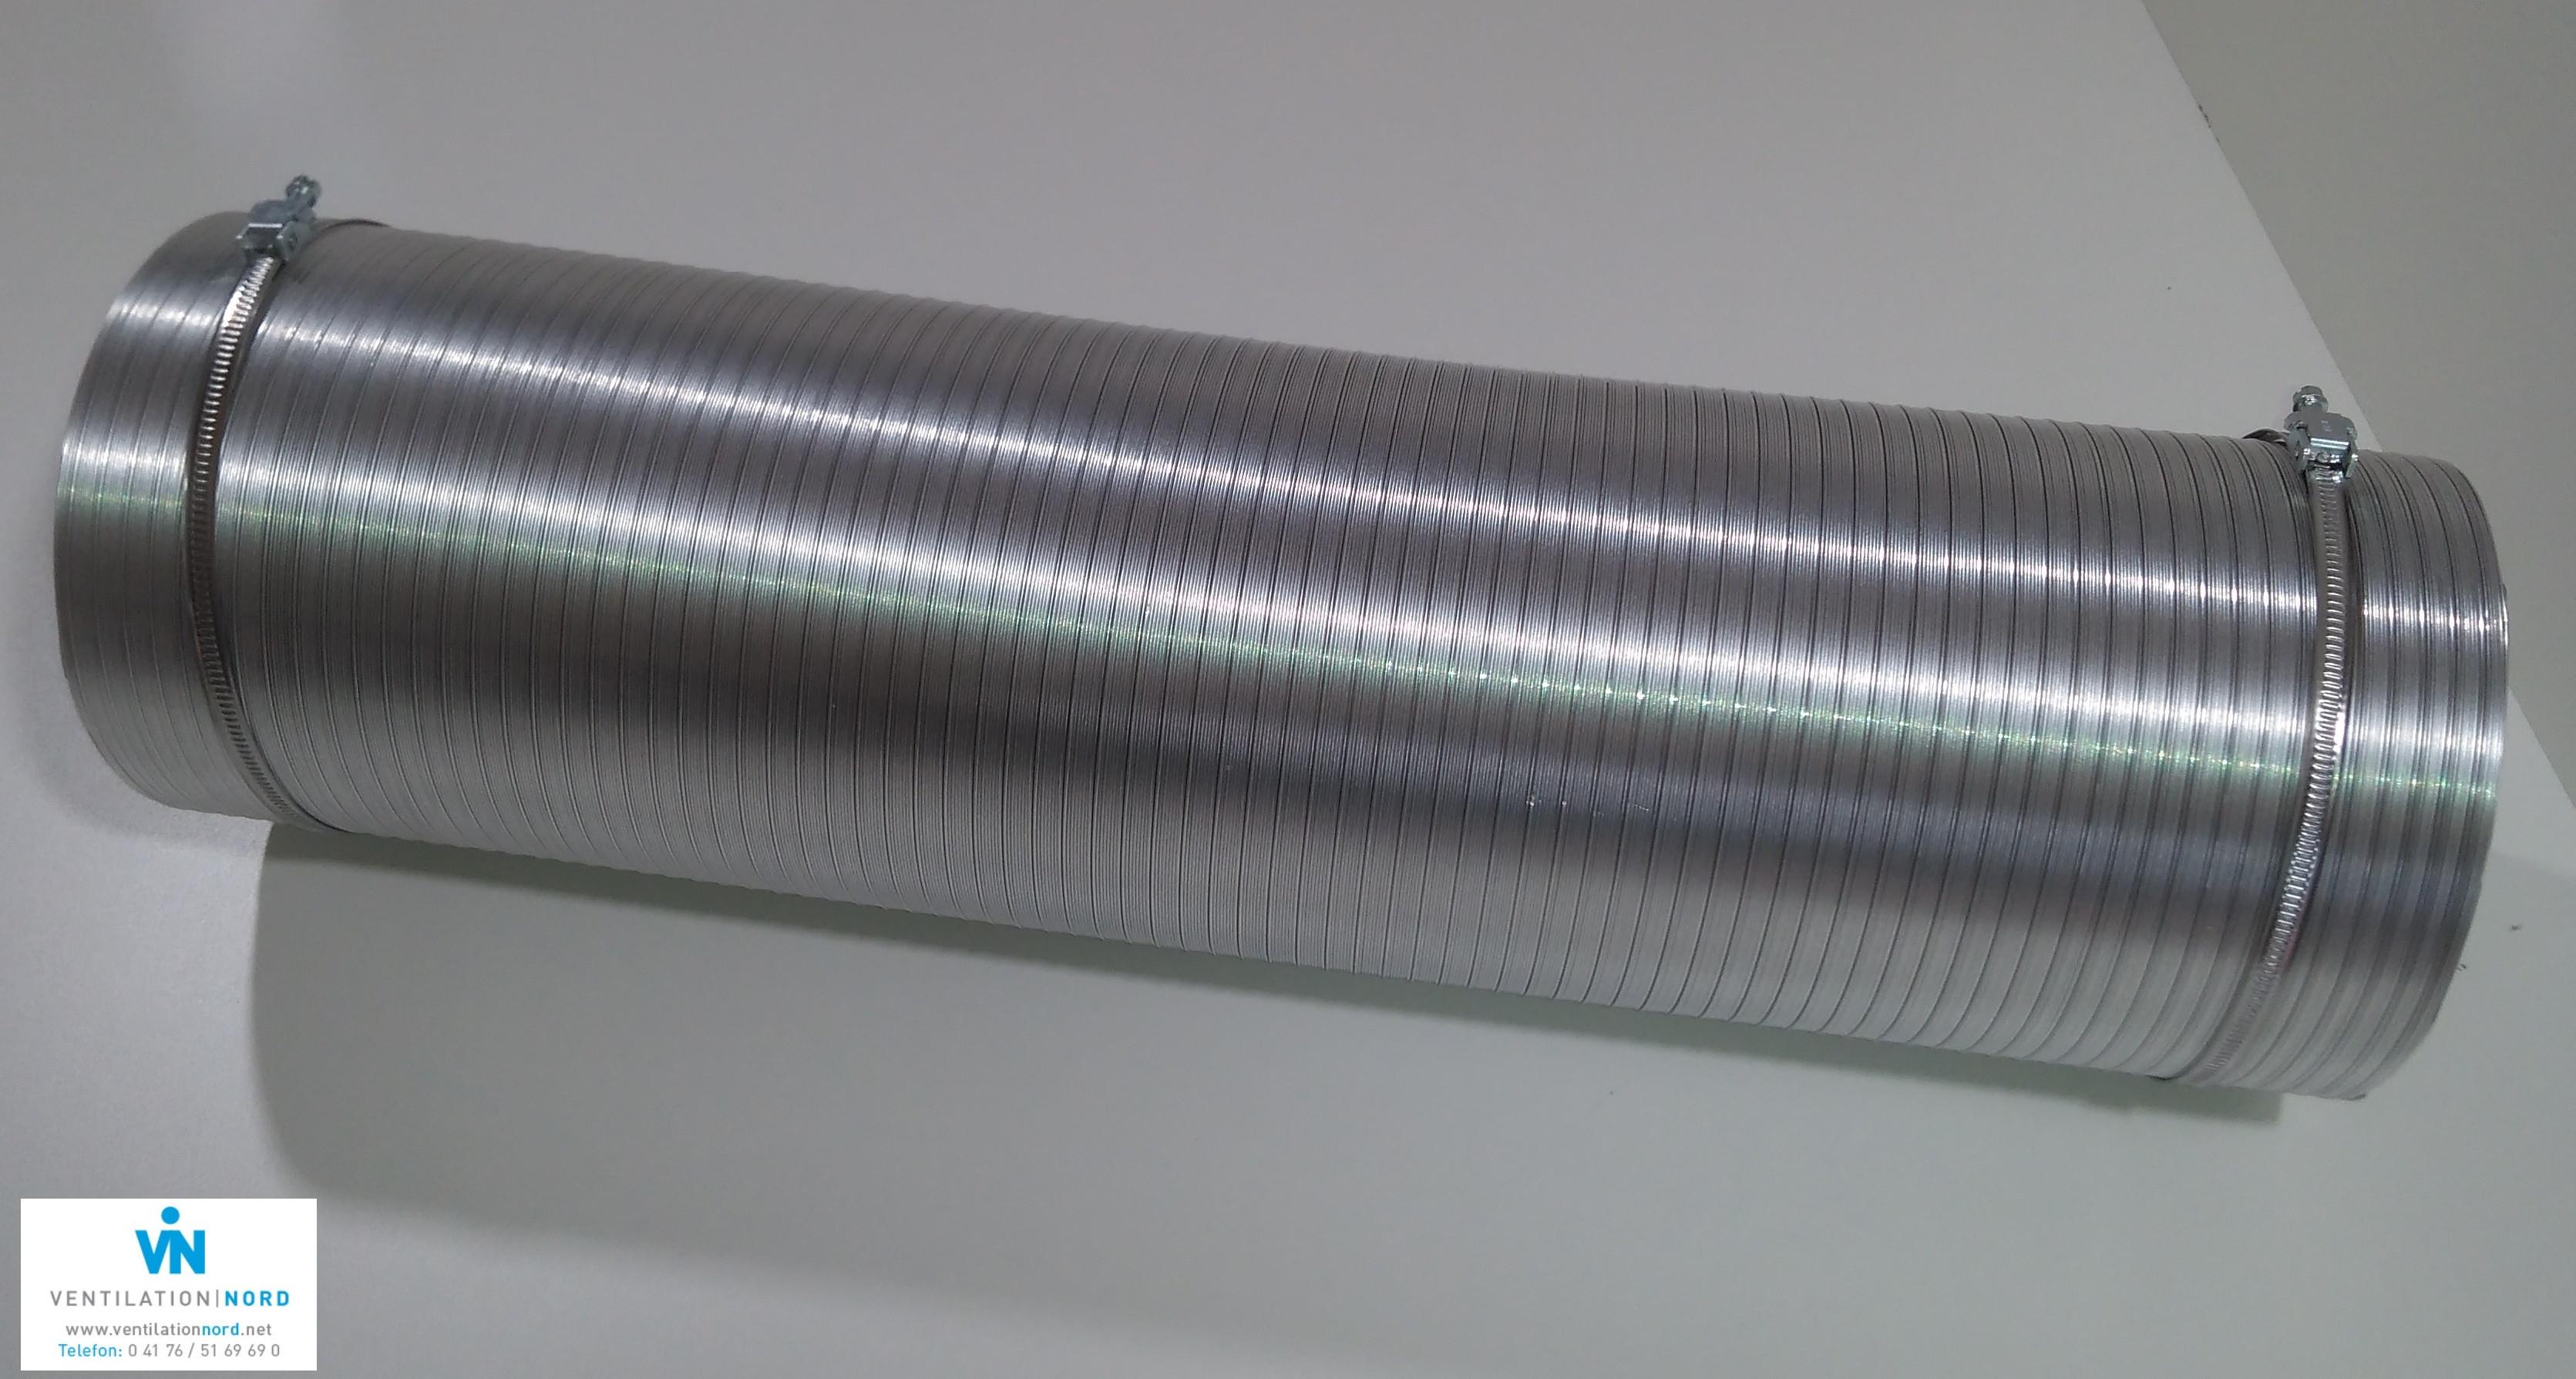 Dunstabzugshaube abluft durchmesser mm rundrohr mm durchmesser in